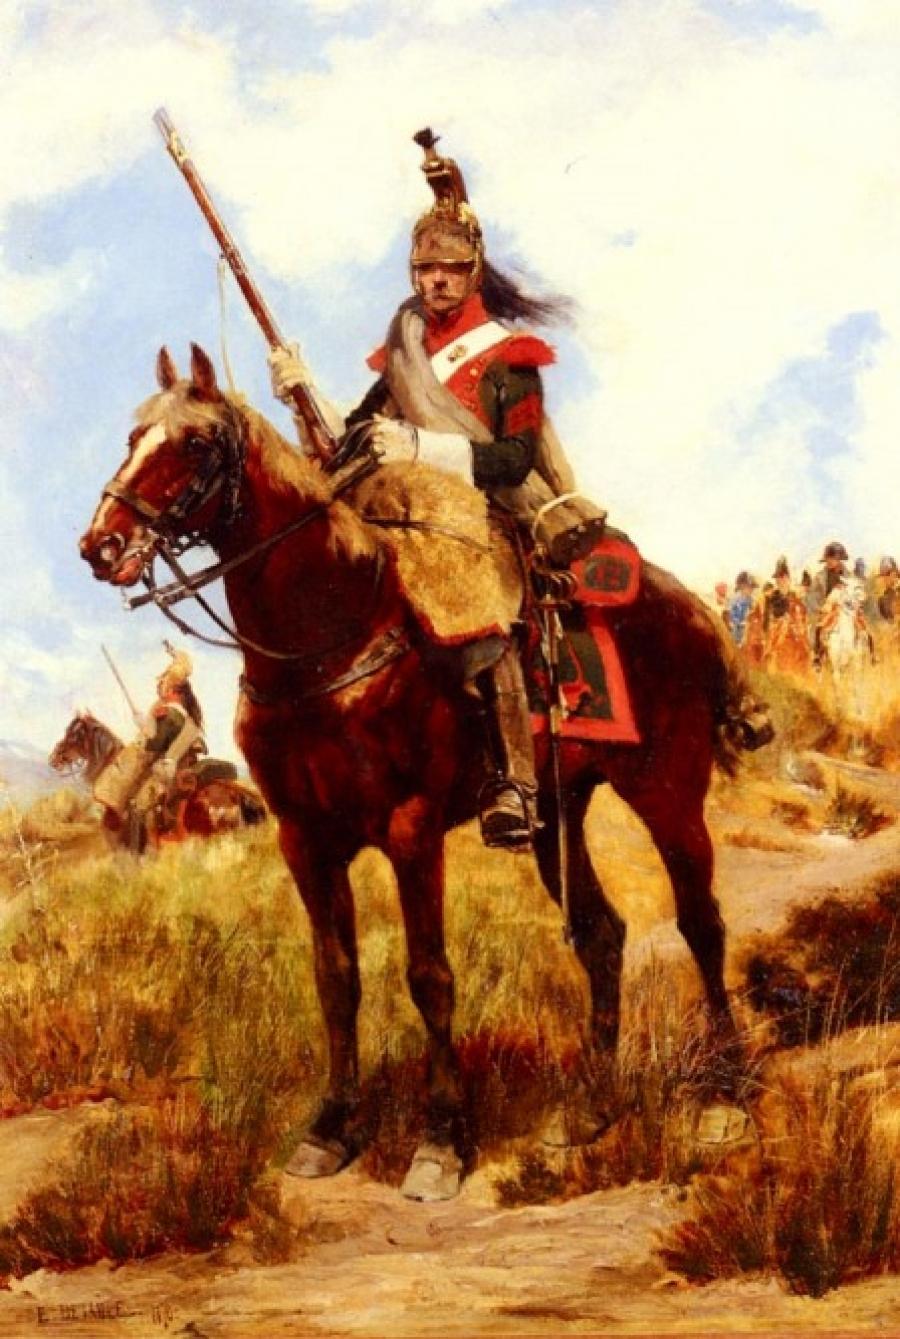 Ein-Soldat-des-12-Dragonerregiments-von-Jean-Baptiste-Edouard-Detaille